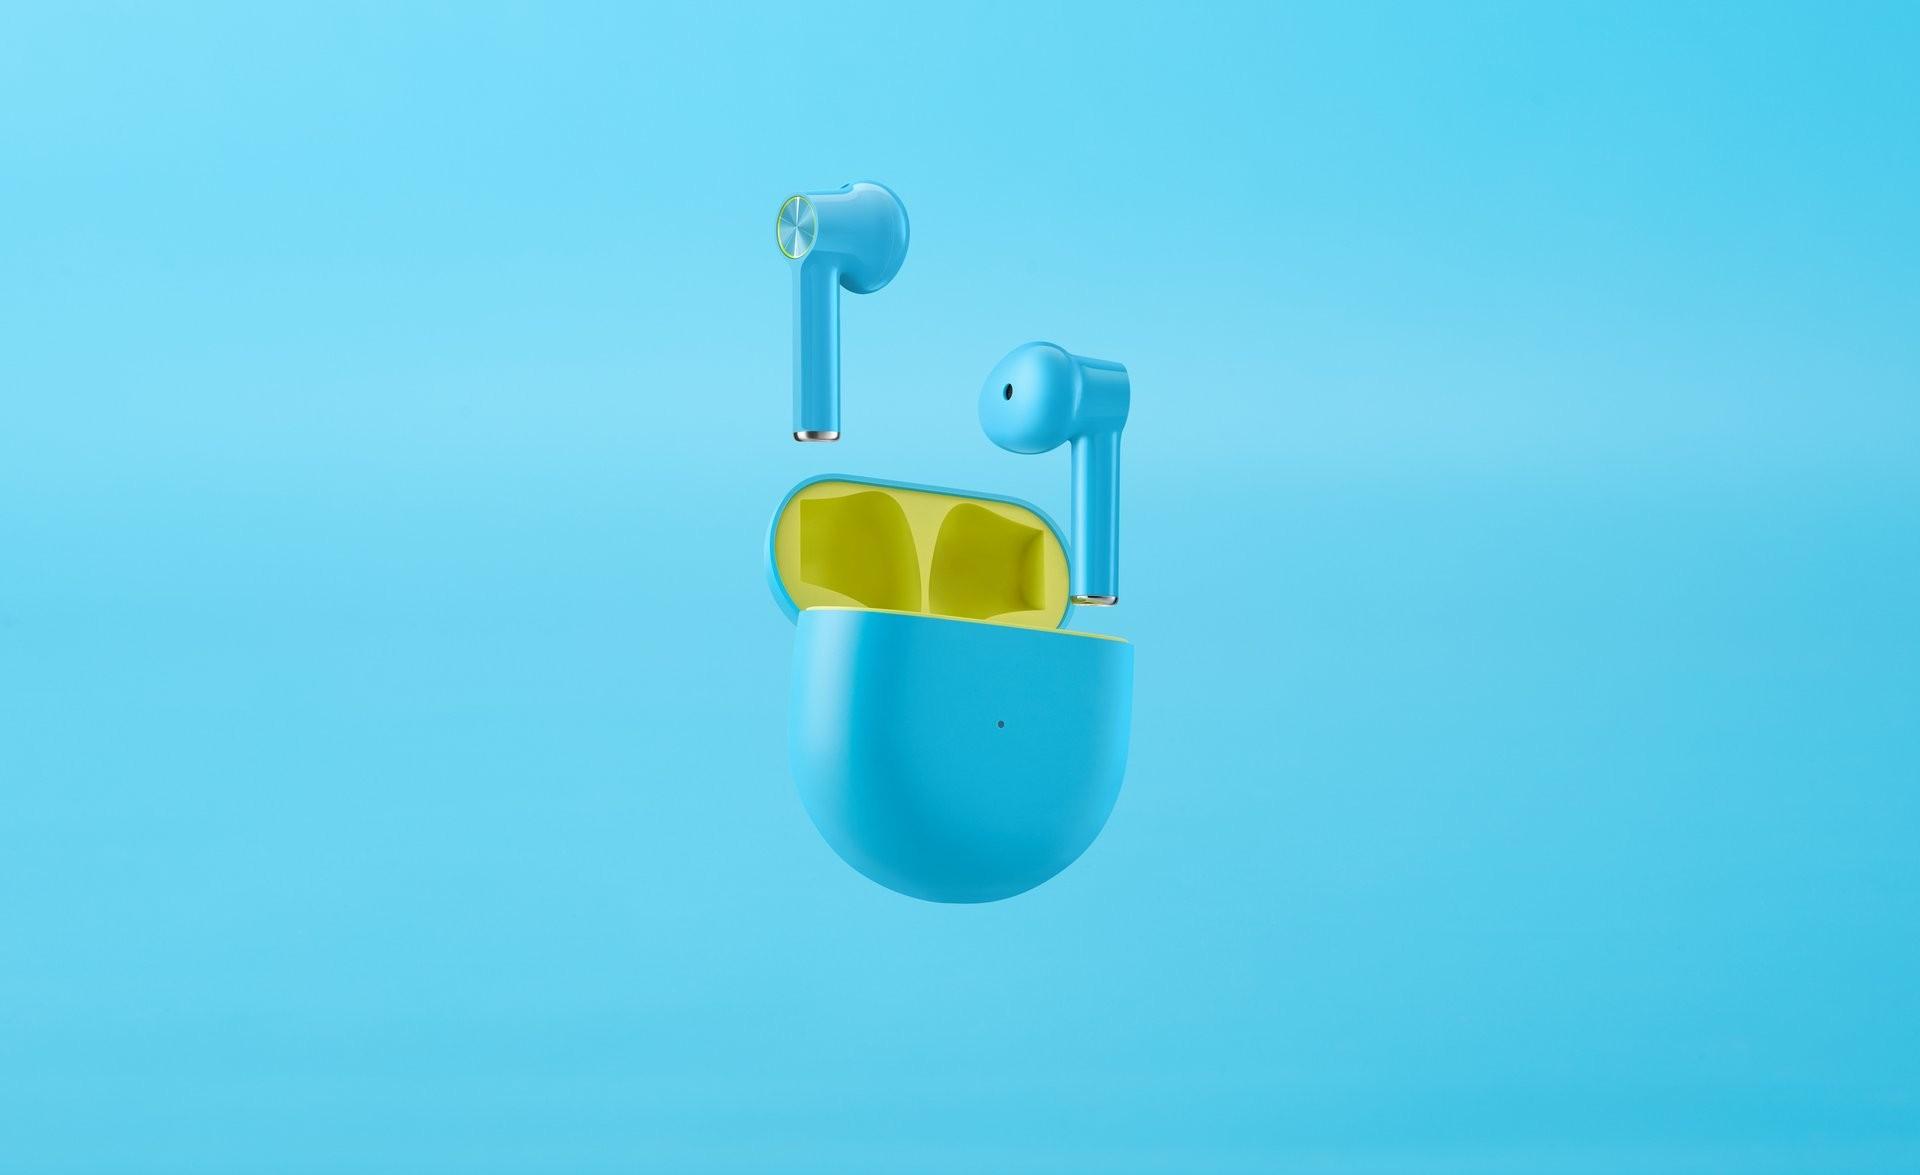 一加 Buds具有类似于Airpods的外观,功能强大的音频命中!